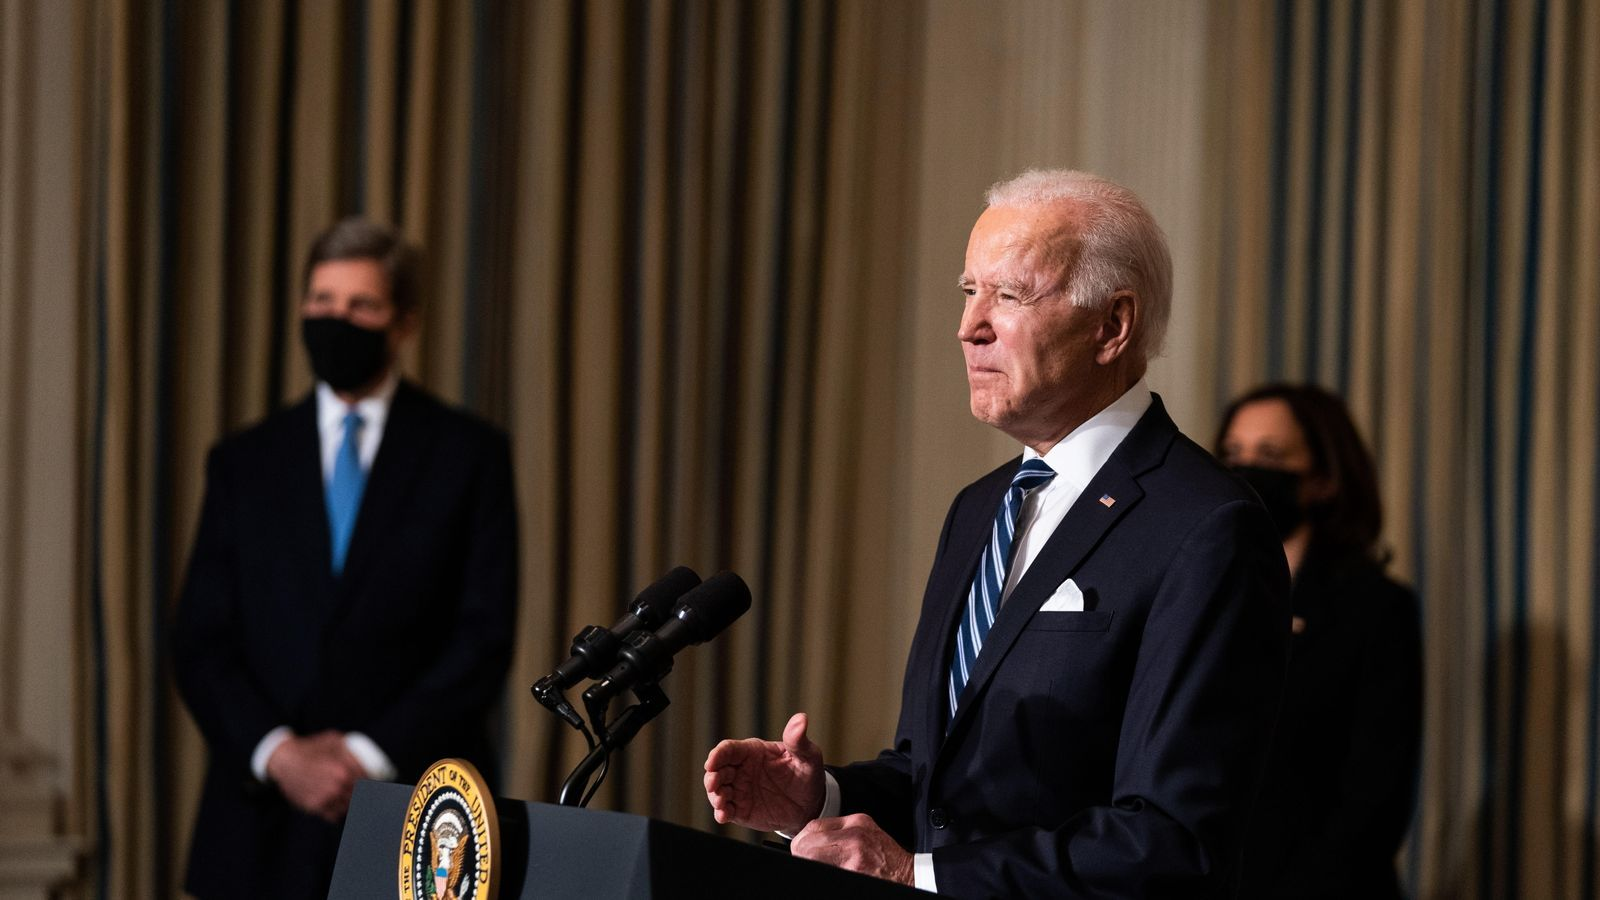 Biden posa la crisi climàtica «al centre de la política interna i externa» dels Estats Units